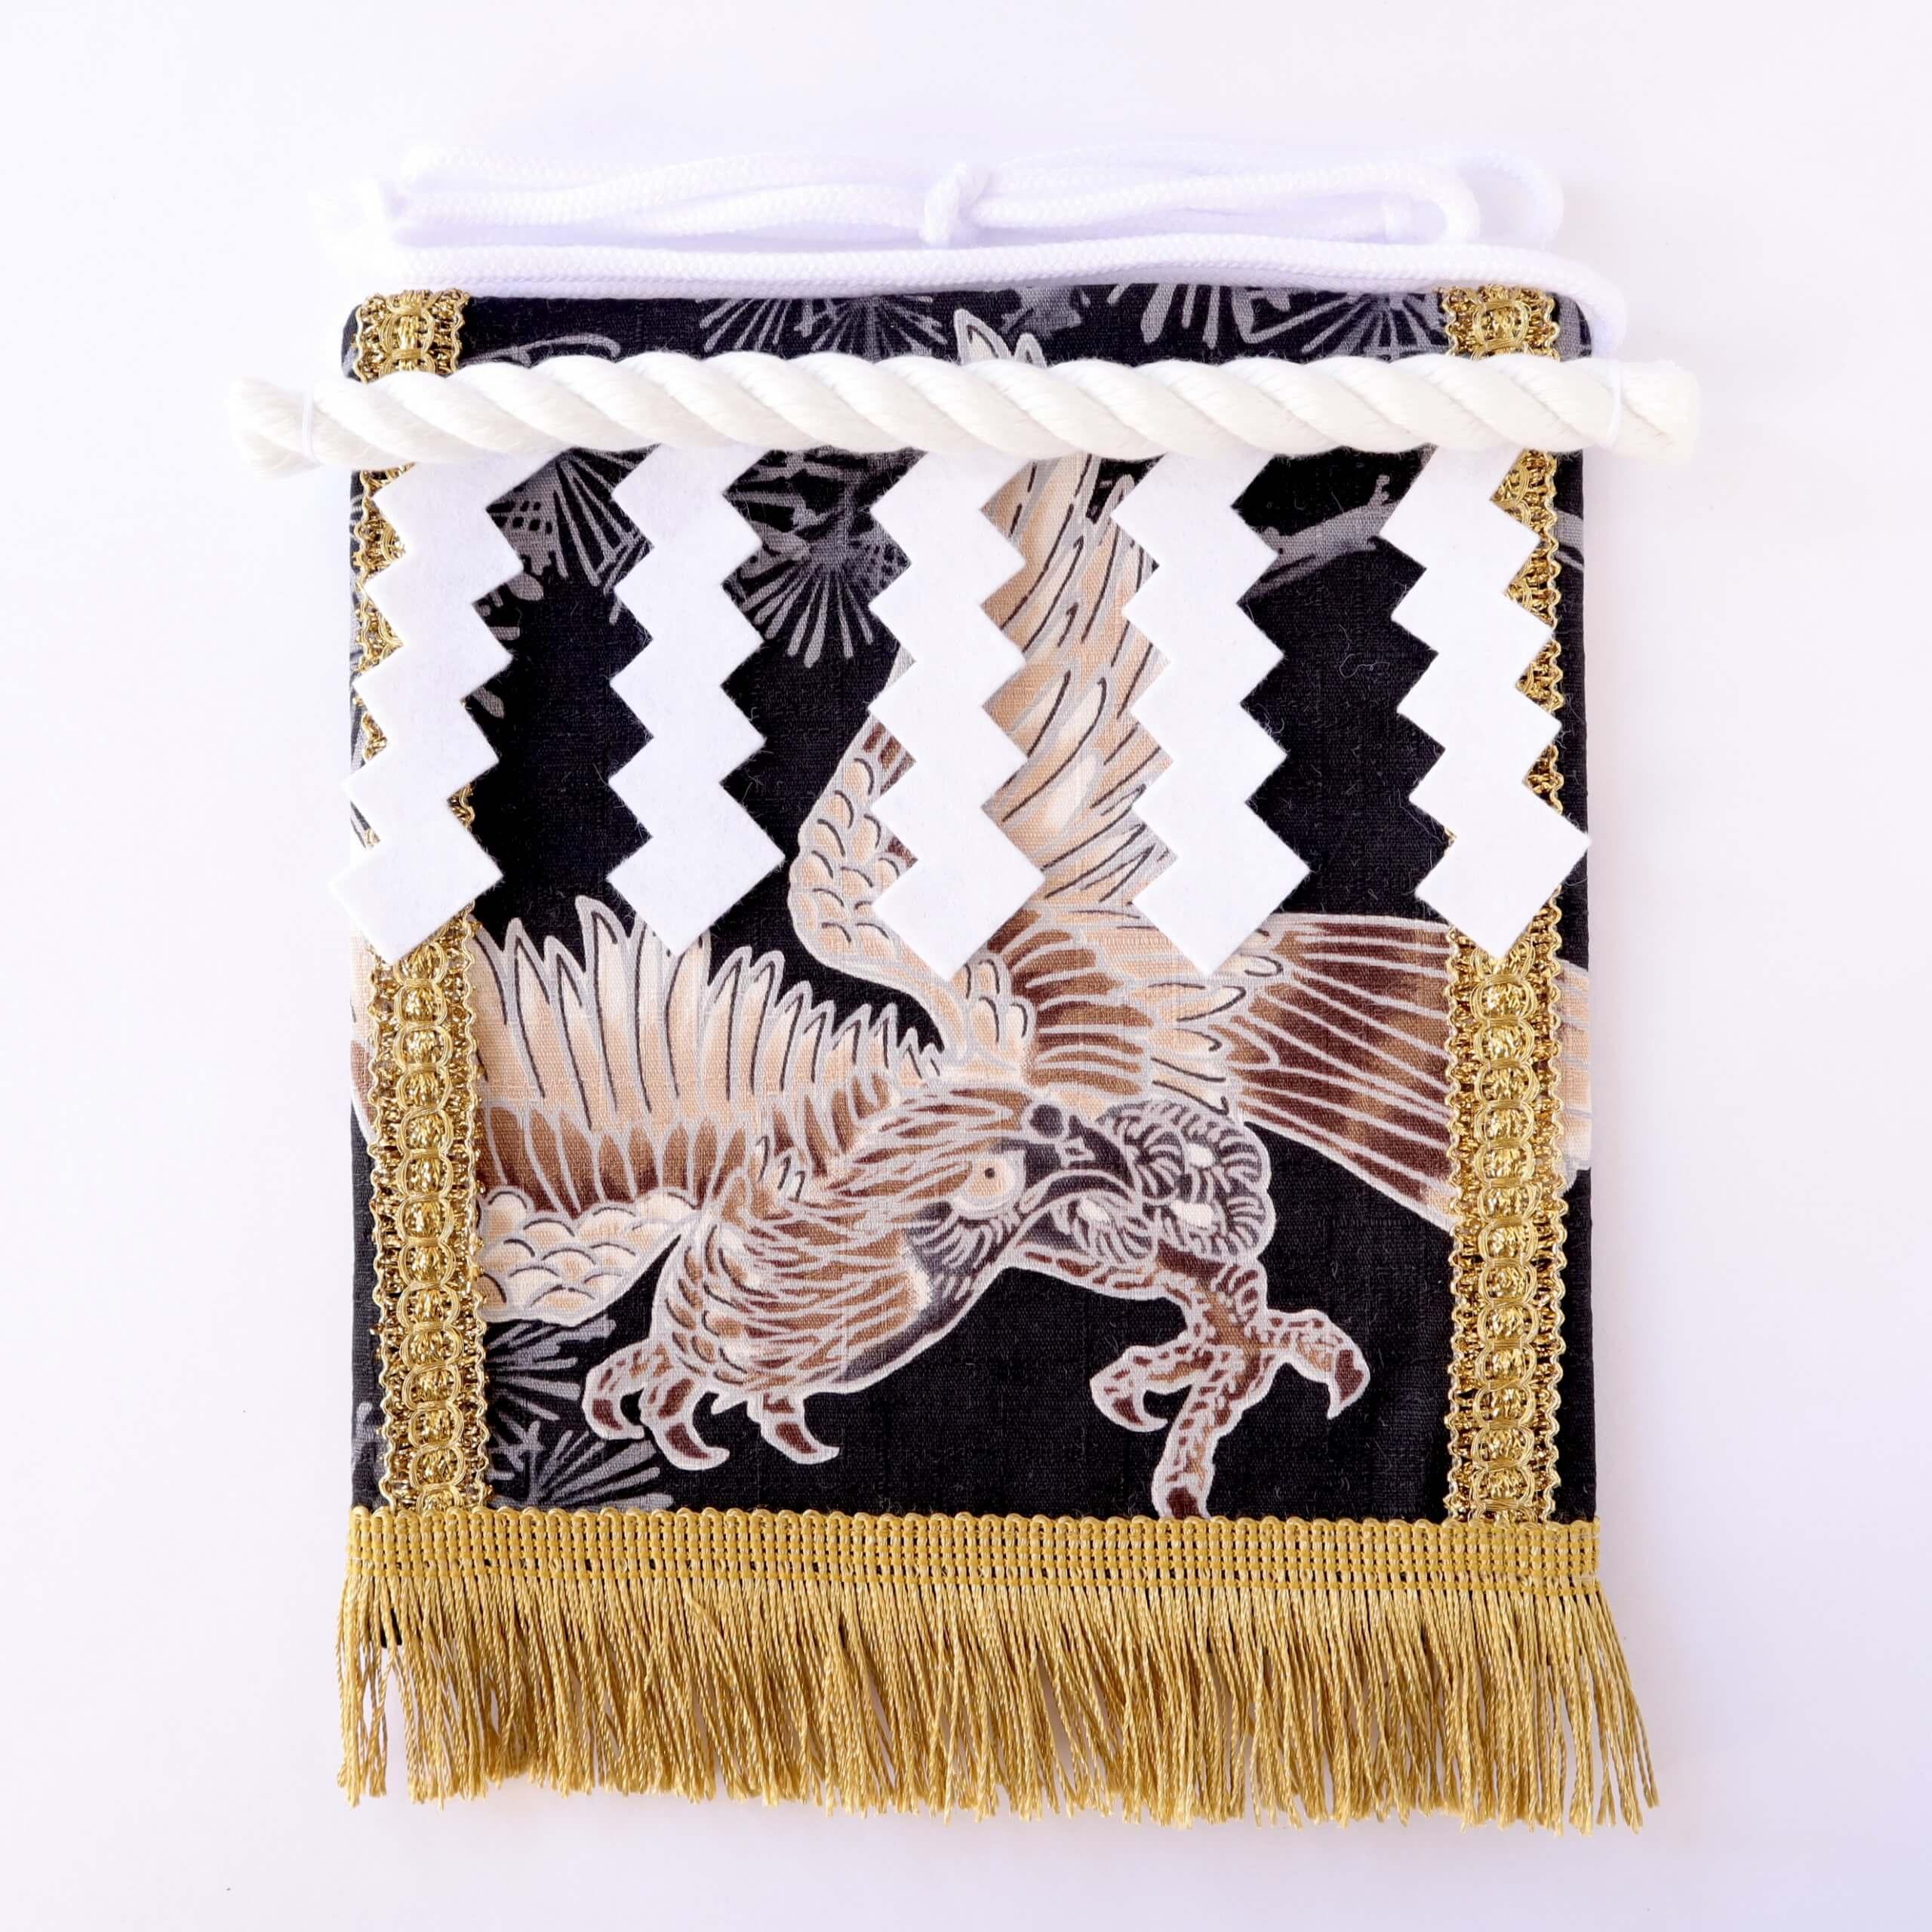 赤ちゃん化粧まわし「えびすこくん」鷹と松に鷹の羽紋・黒